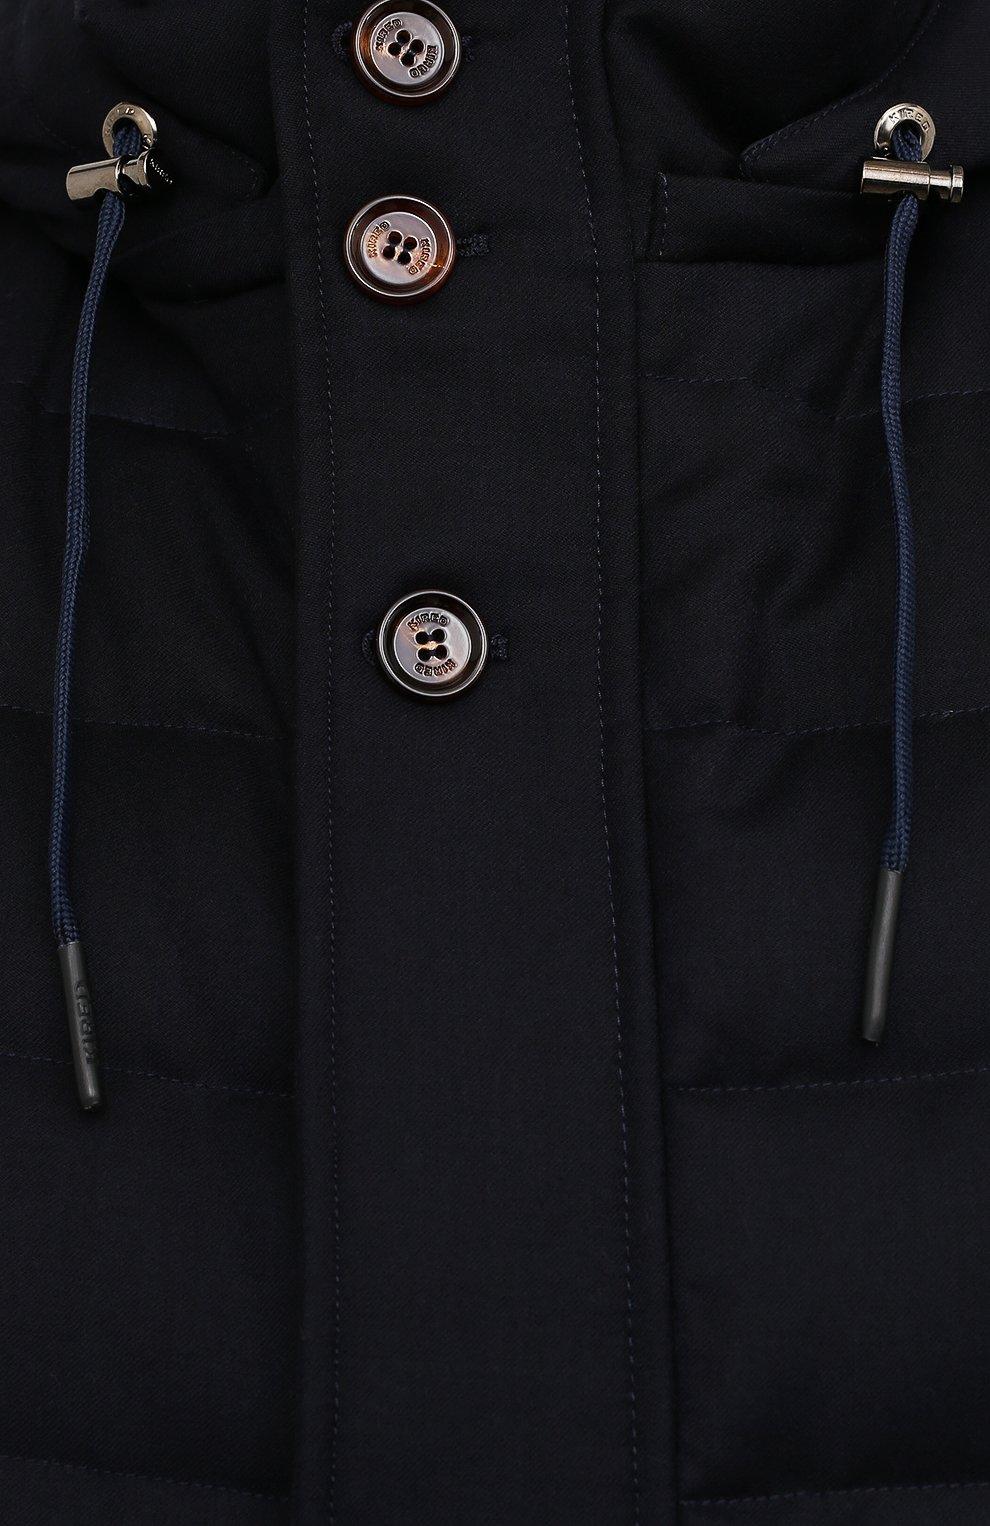 Мужской пуховый жилет KIRED темно-синего цвета, арт. WKISHBW7405009000/62-74   Фото 5 (Кросс-КТ: Куртка, Пуховик; Big sizes: Big Sizes; Материал внешний: Шерсть; Материал подклада: Синтетический материал; Длина (верхняя одежда): Короткие; Материал утеплителя: Пух и перо; Стили: Кэжуэл)